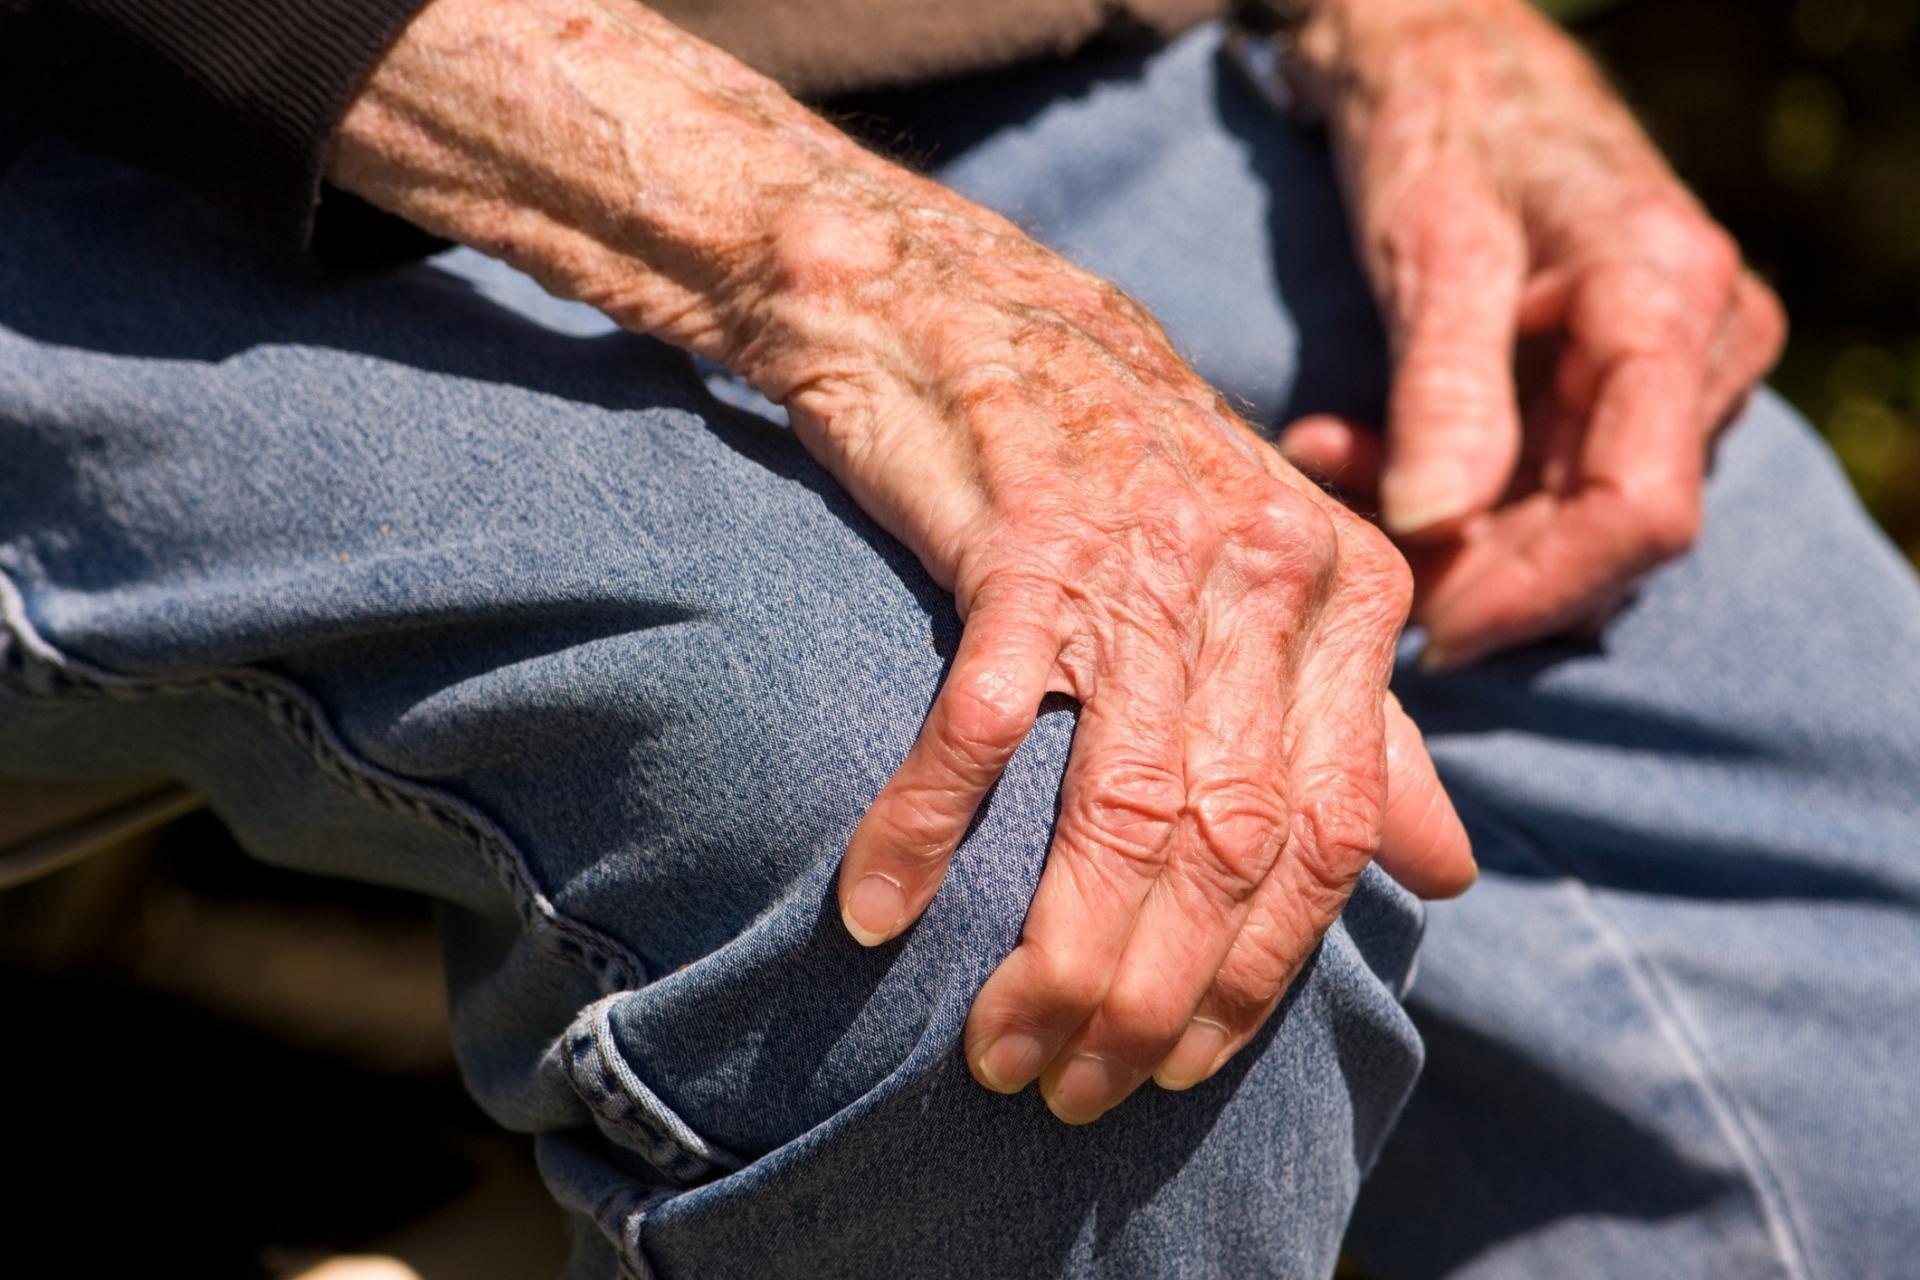 Избавляет ли перец в день от болезни Паркинсона?